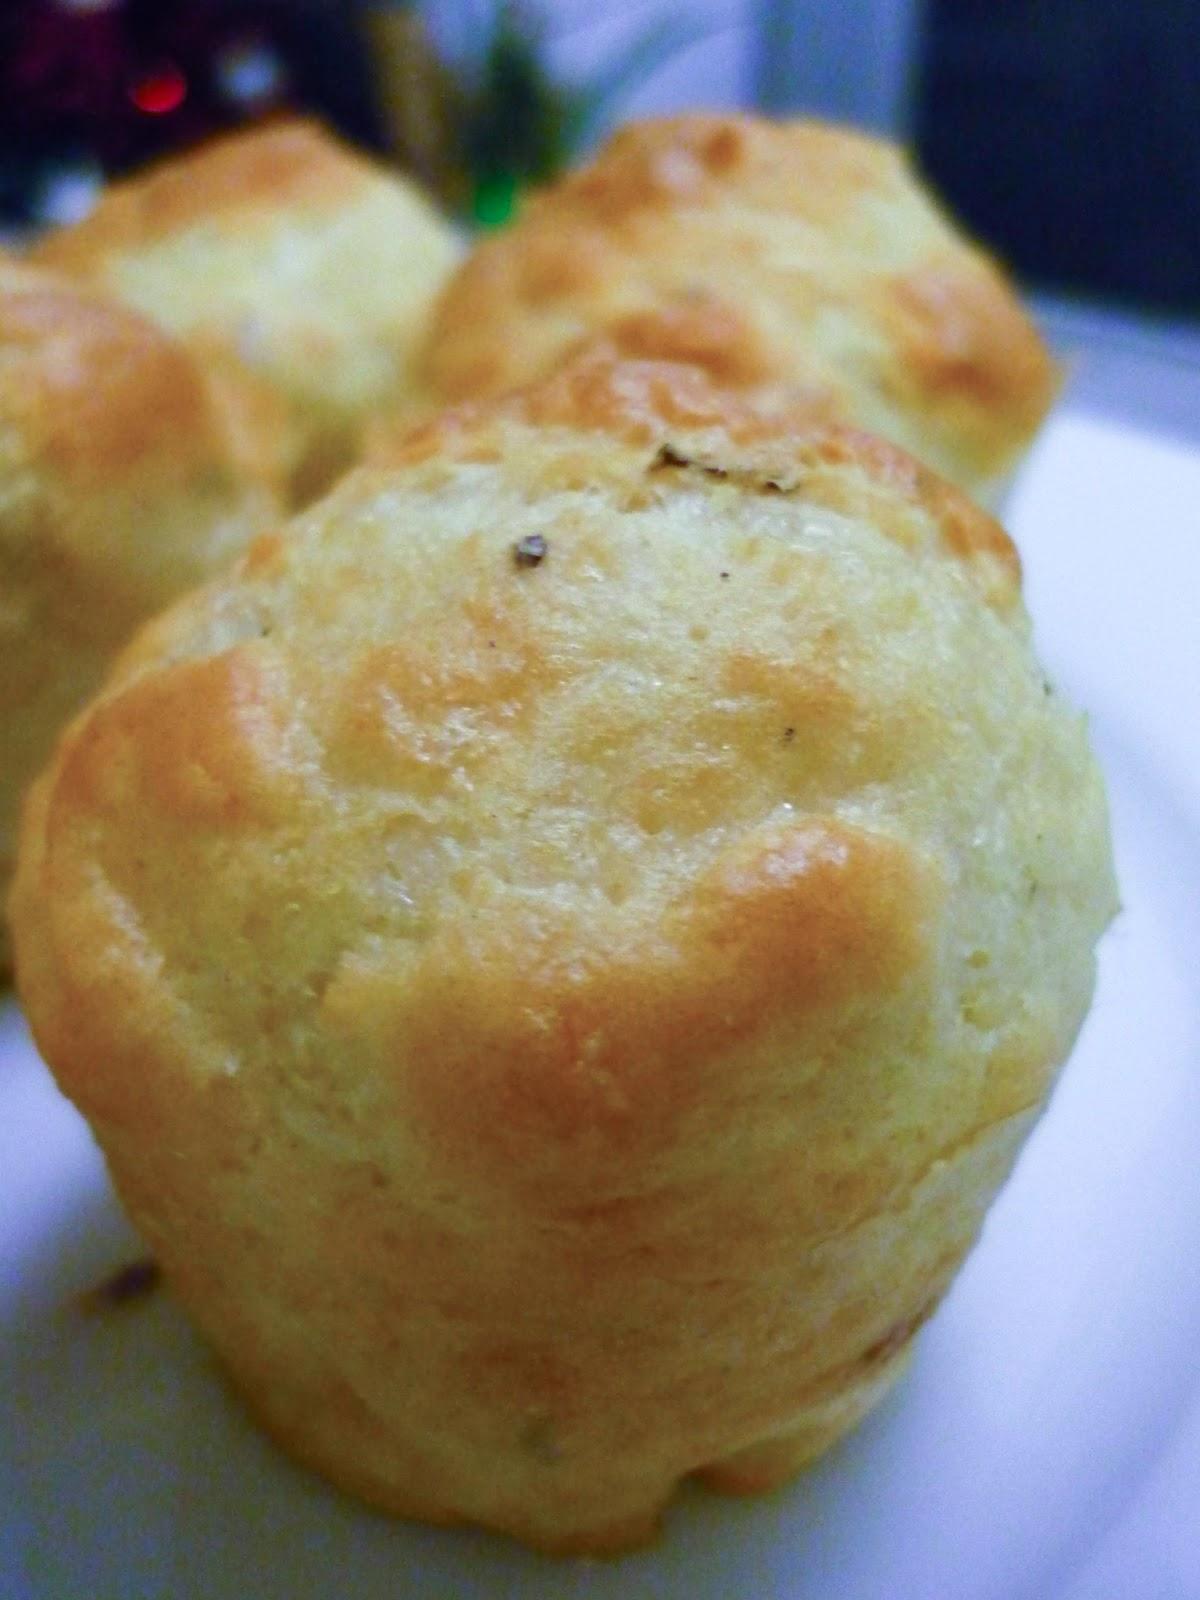 la bonne graille petits muffins sal s au fromage avec blancs d 39 oeufs. Black Bedroom Furniture Sets. Home Design Ideas